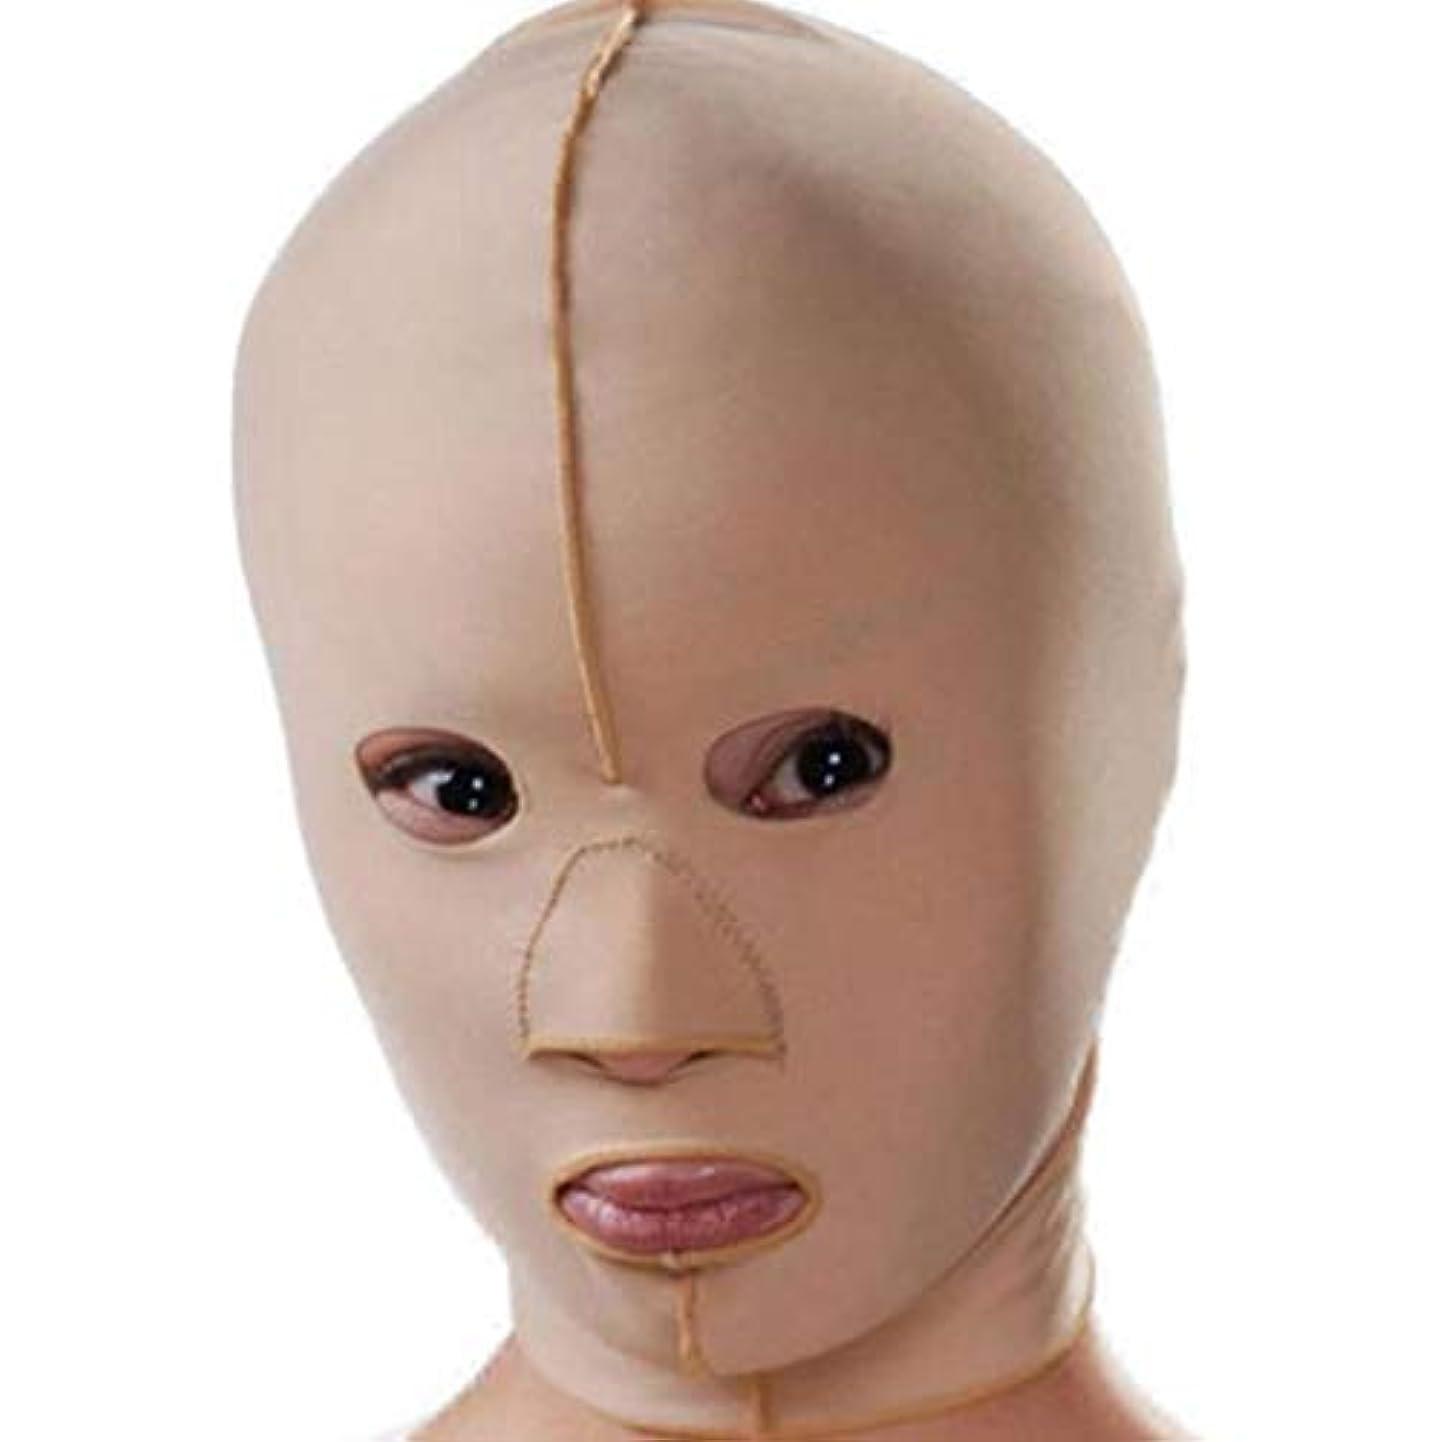 痩身包帯、マスク薄いフェイスマスクリフティングダブルあご引き締め顔面プラスチックフェイスアーティファクト強力なフェイス包帯